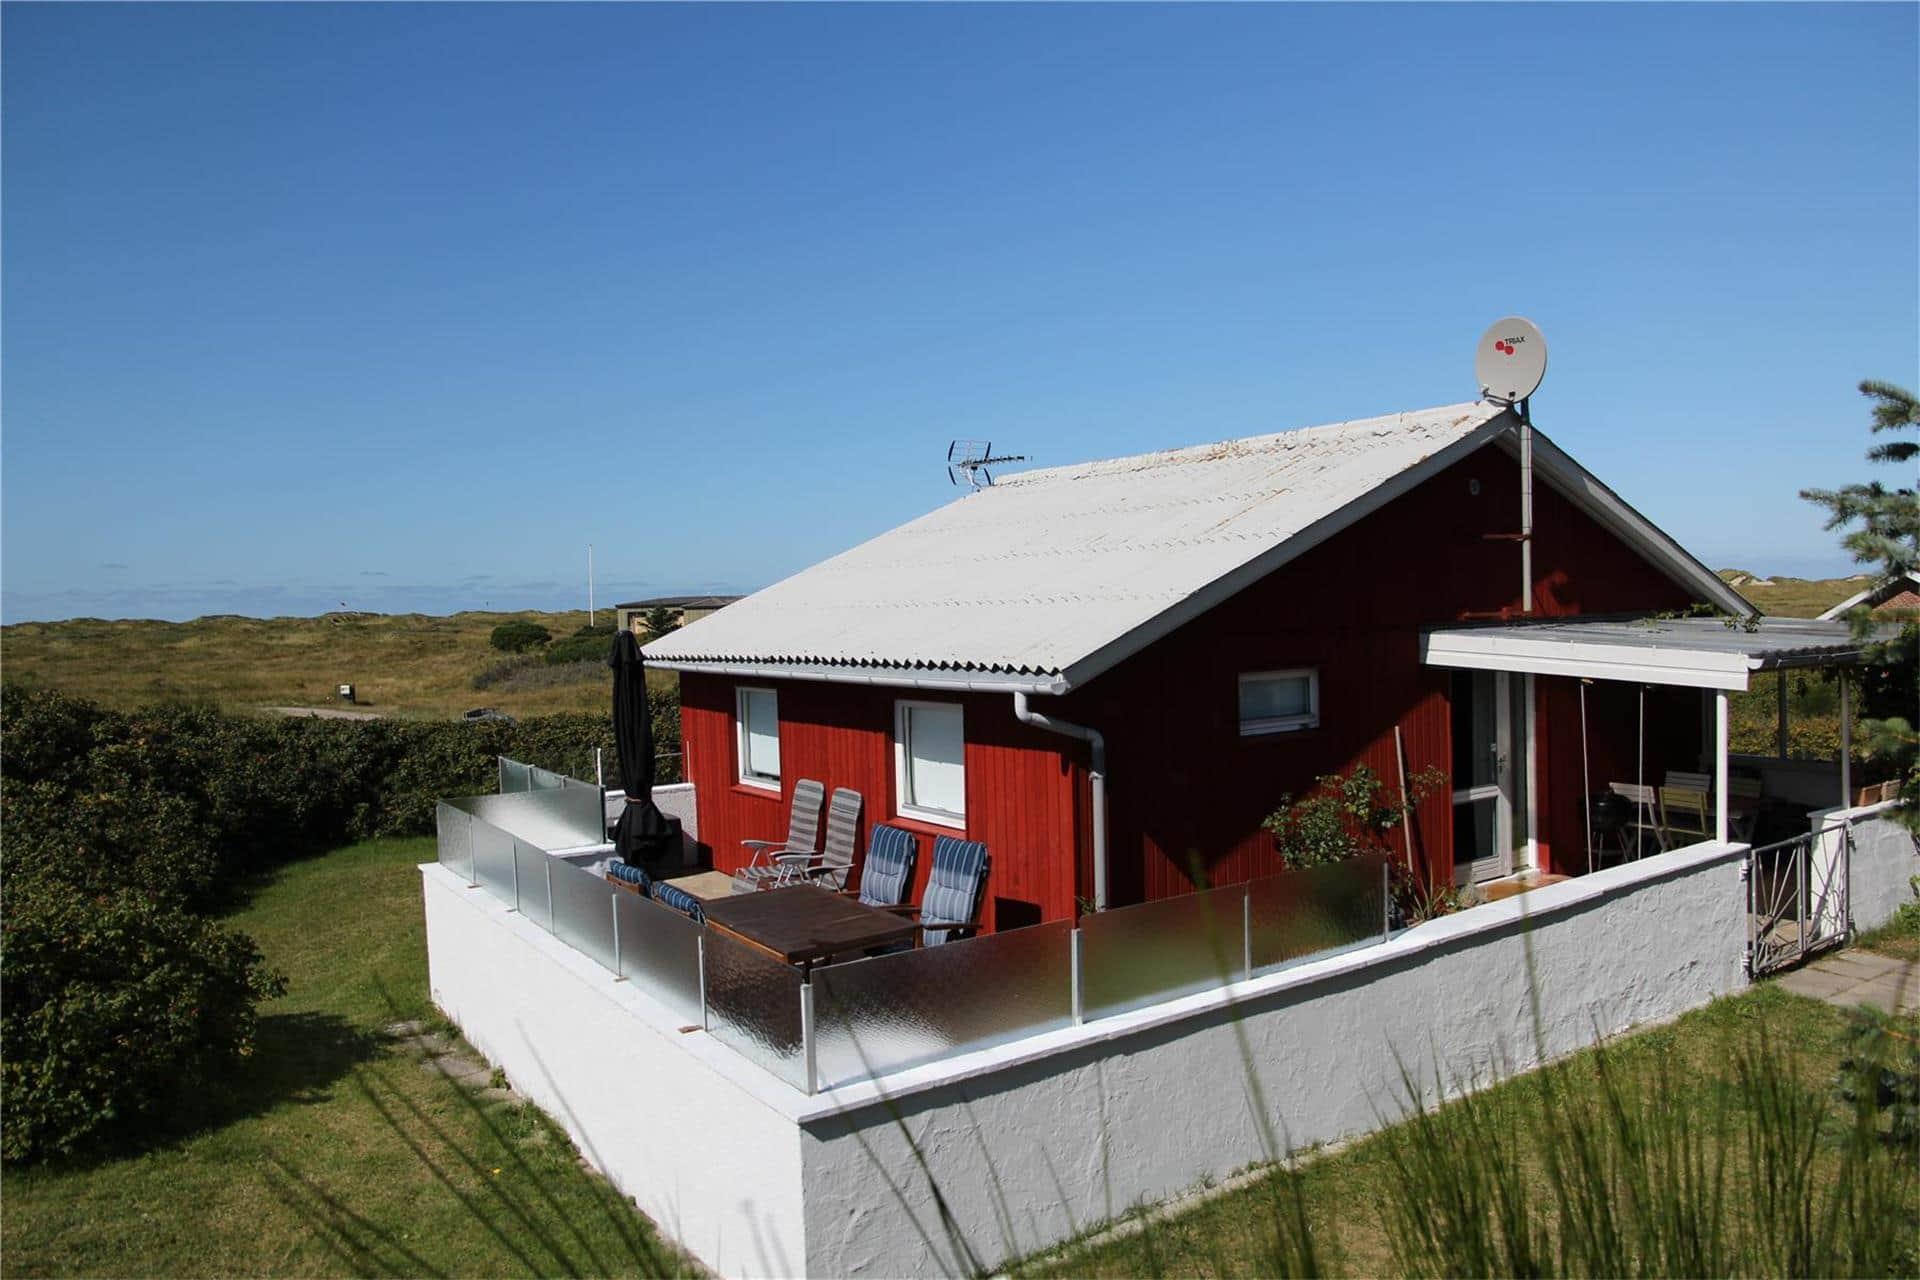 Billede 1-11 Sommerhus 0098, Lakolk 98, DK - 6792 Rømø